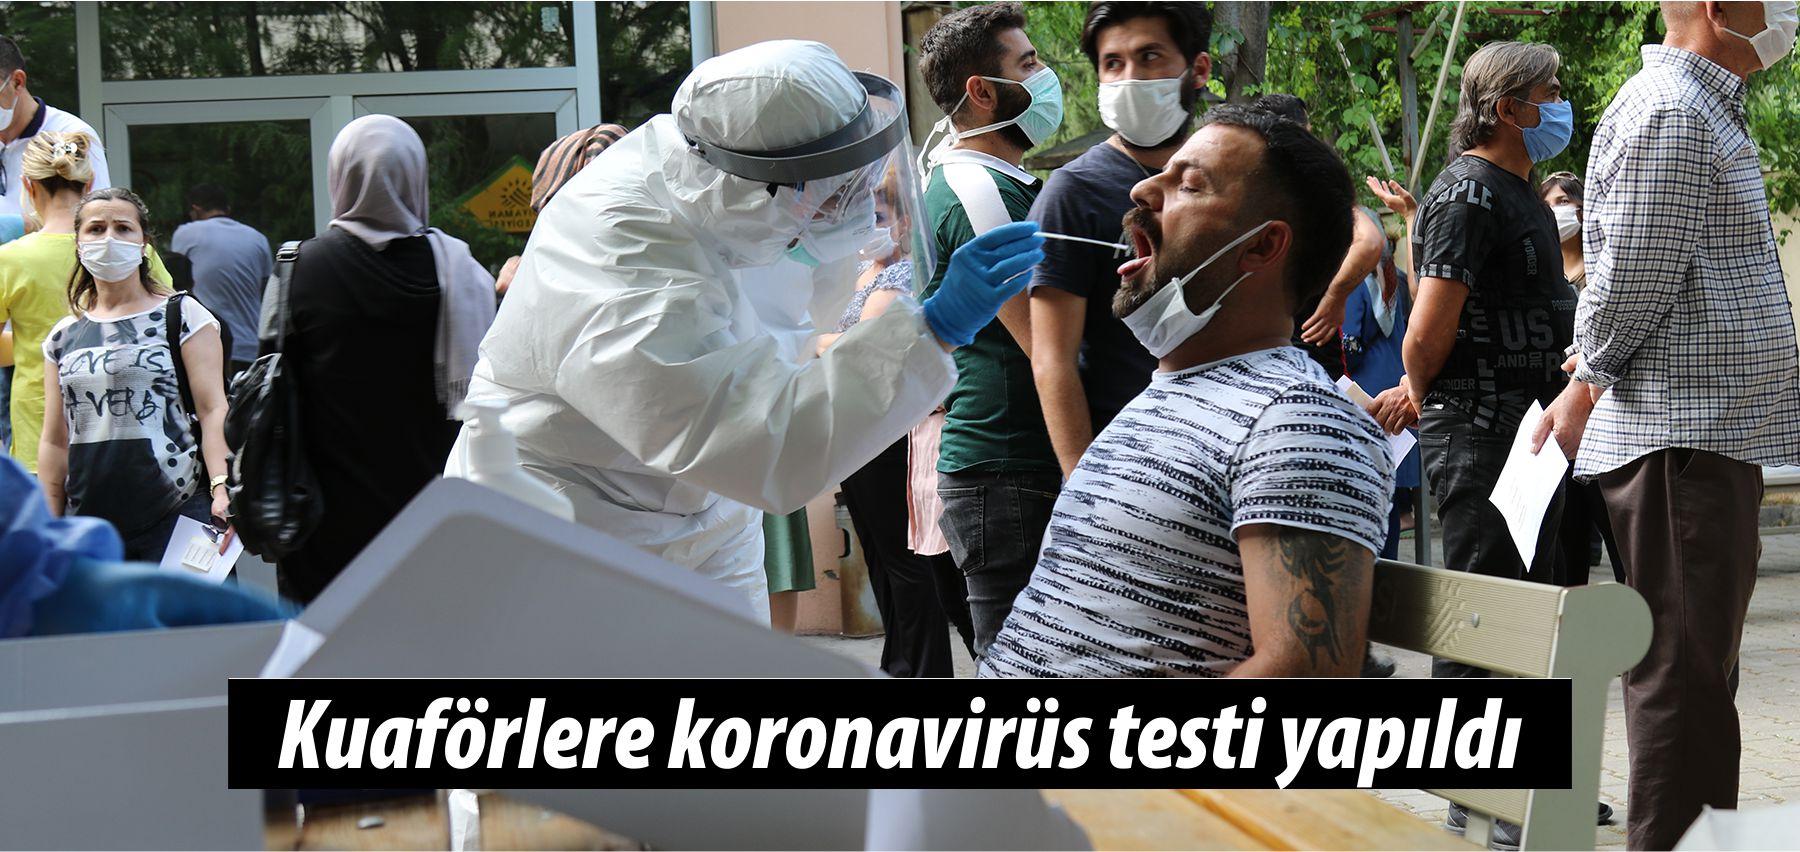 Kuaförlere koronavirüs testi yapıldı